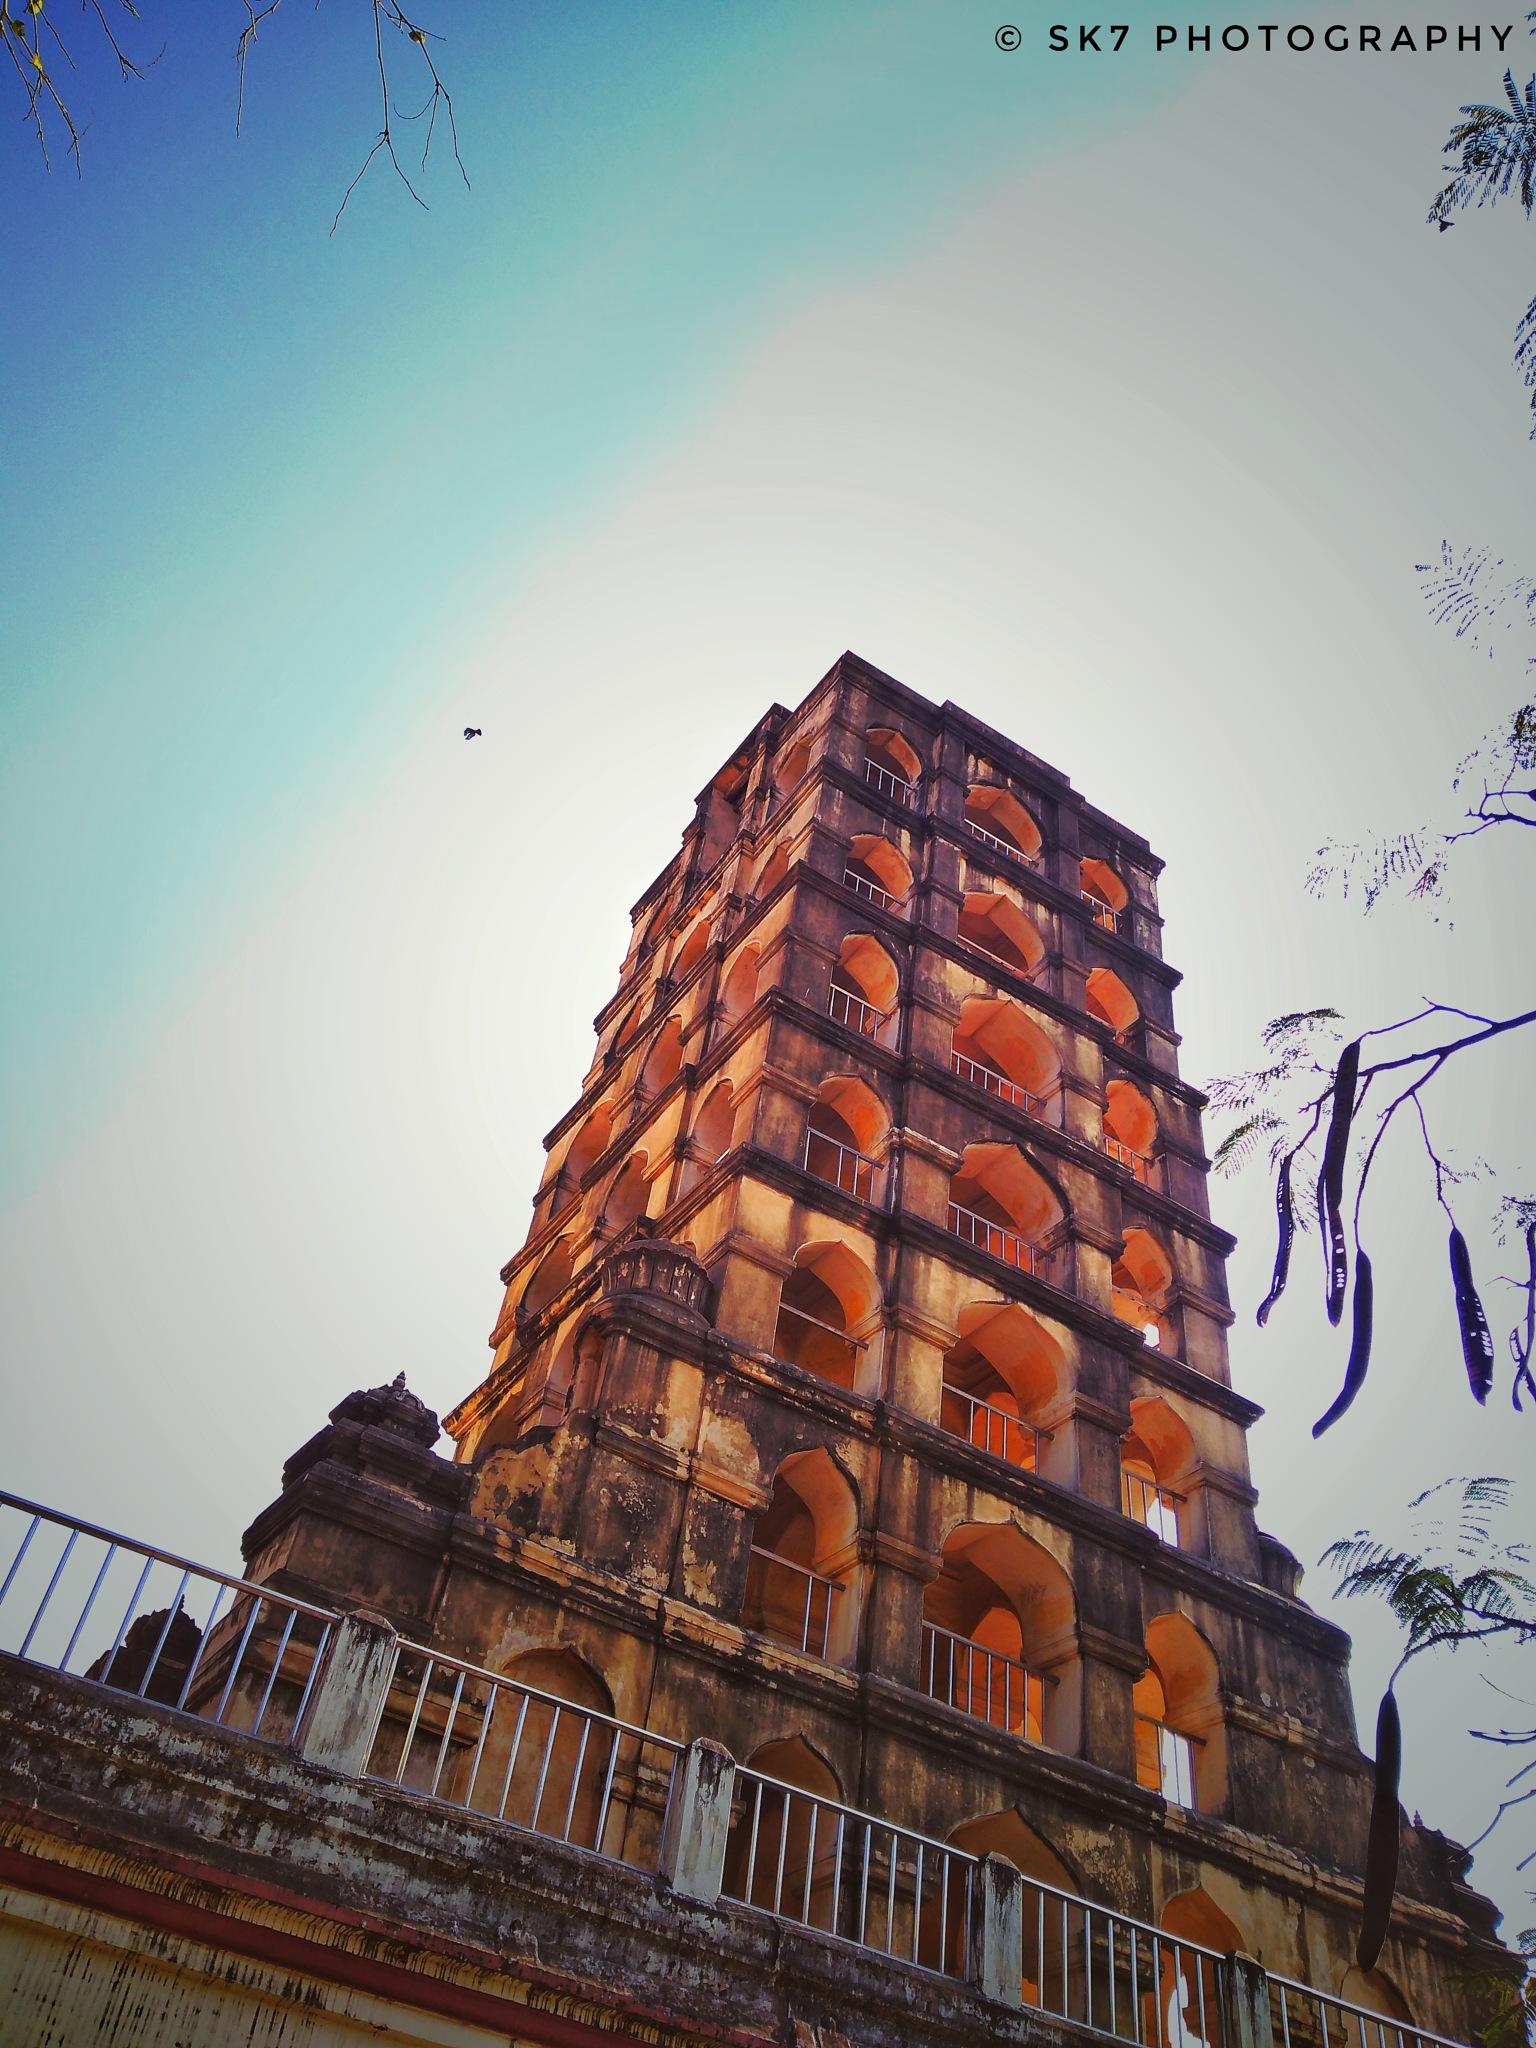 Untitled by Shyam kesavan senthil